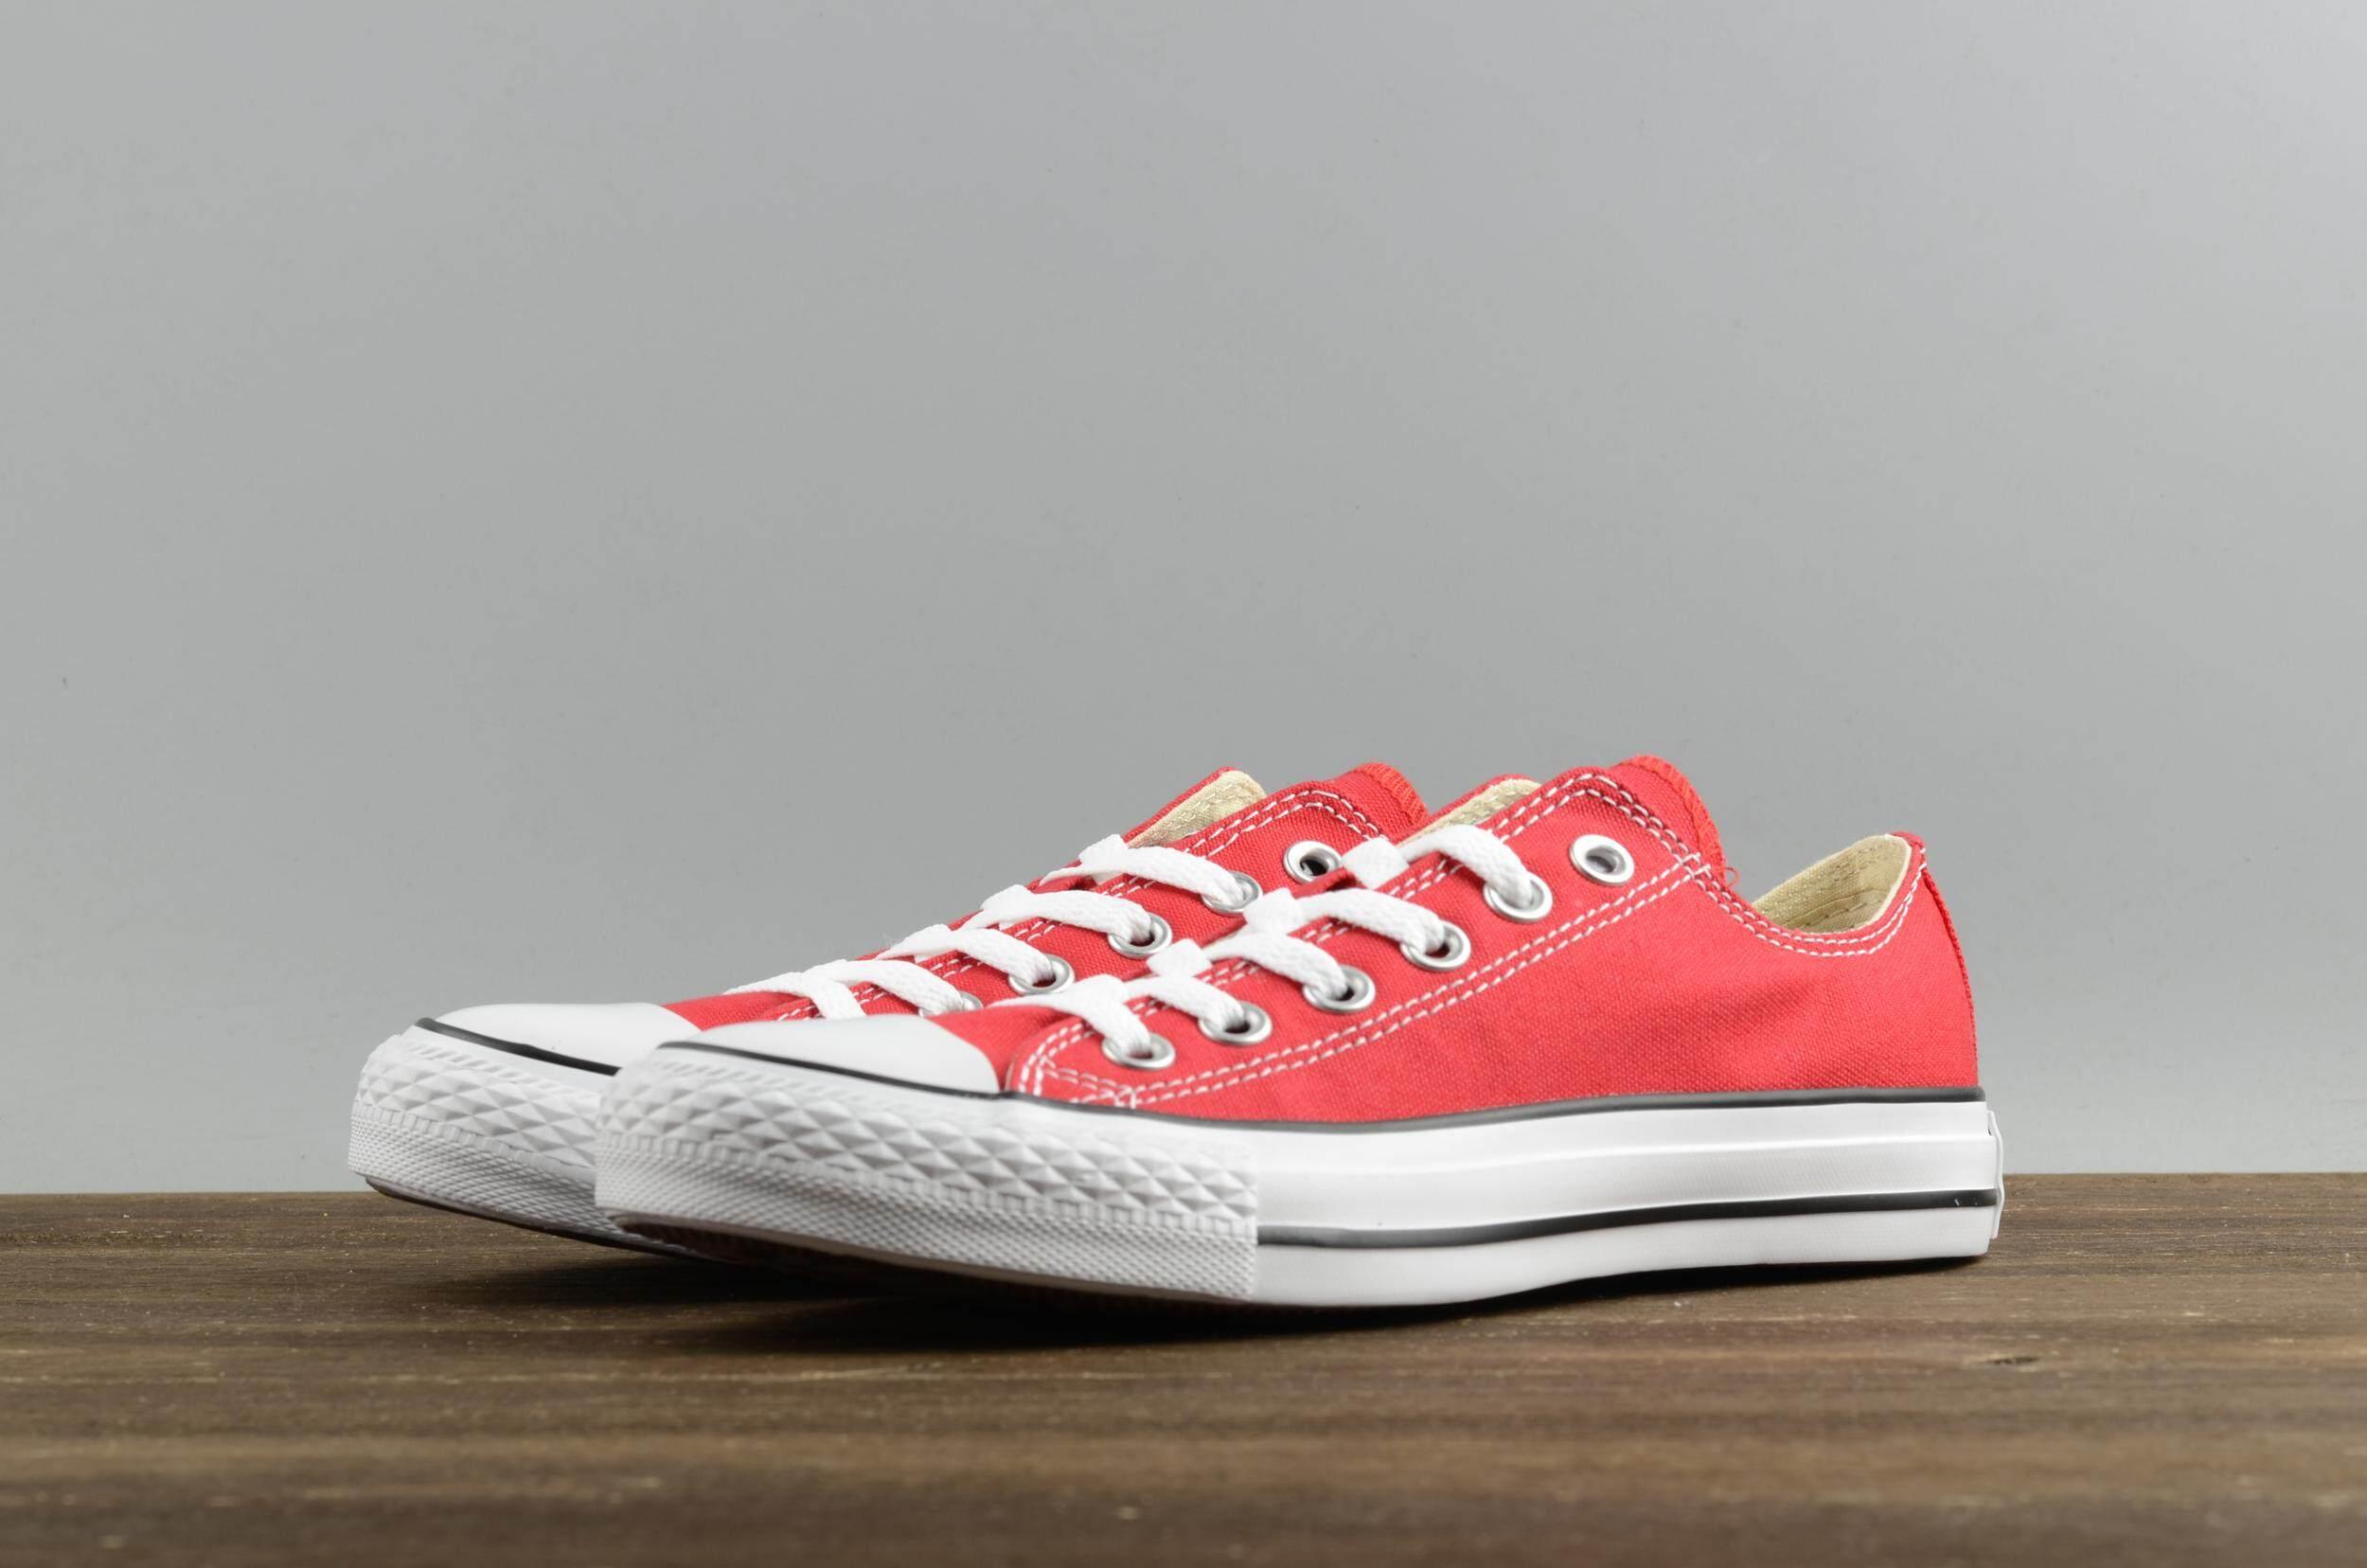 ยี่ห้อนี้ดีไหม  ยะลา Ready Stock Converse_Canvas Shoes for Men and Women Hiking Shoes